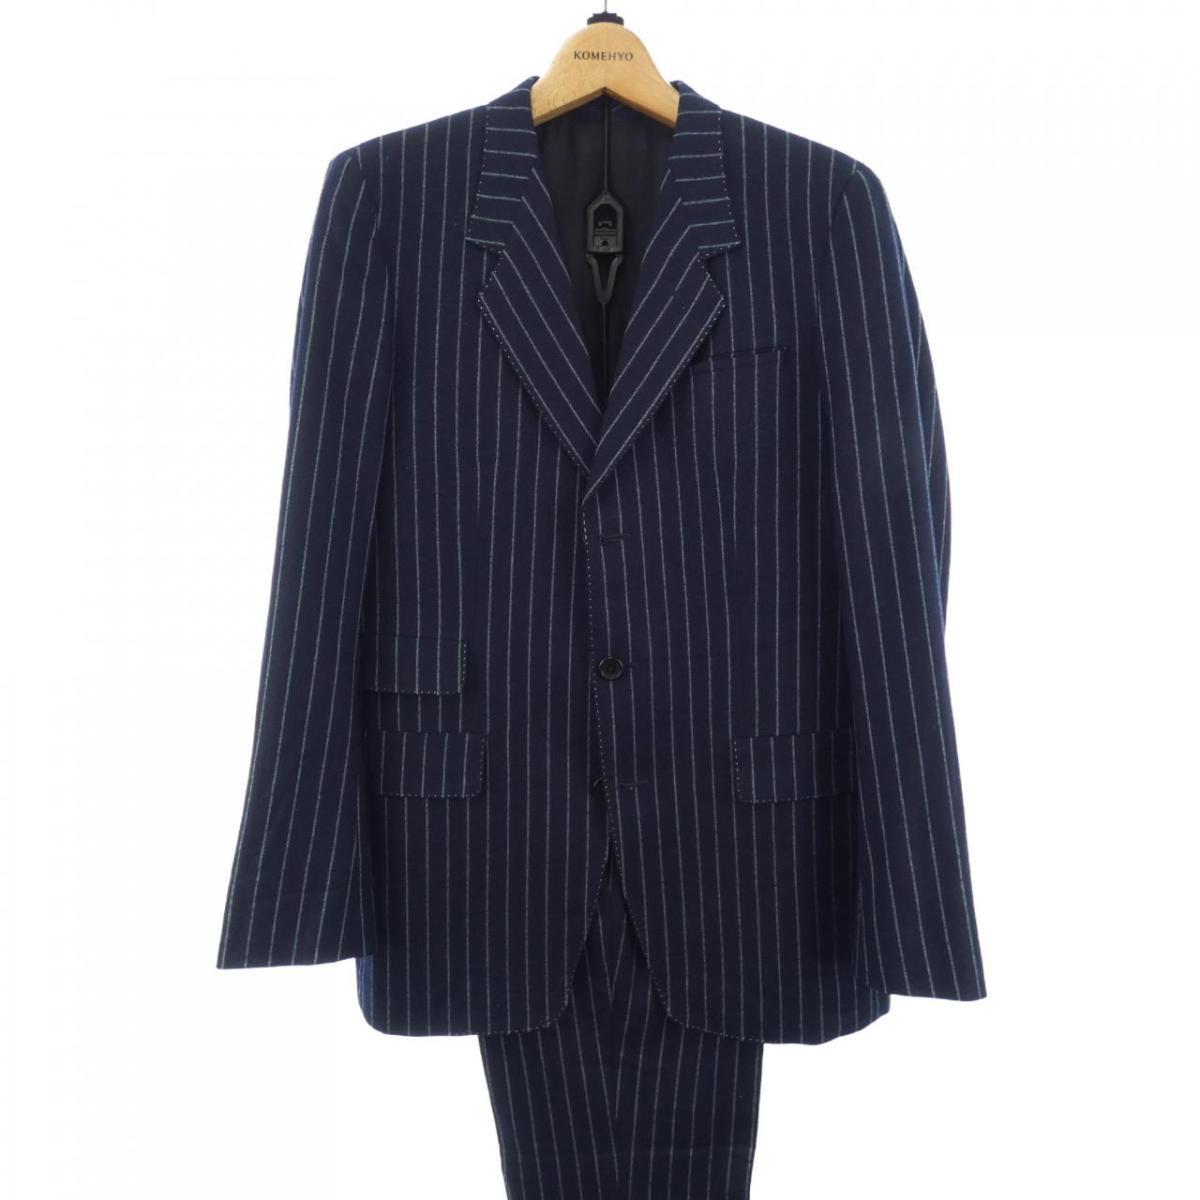 ポールスミスコレクション PaulSmith collection スーツ【中古】